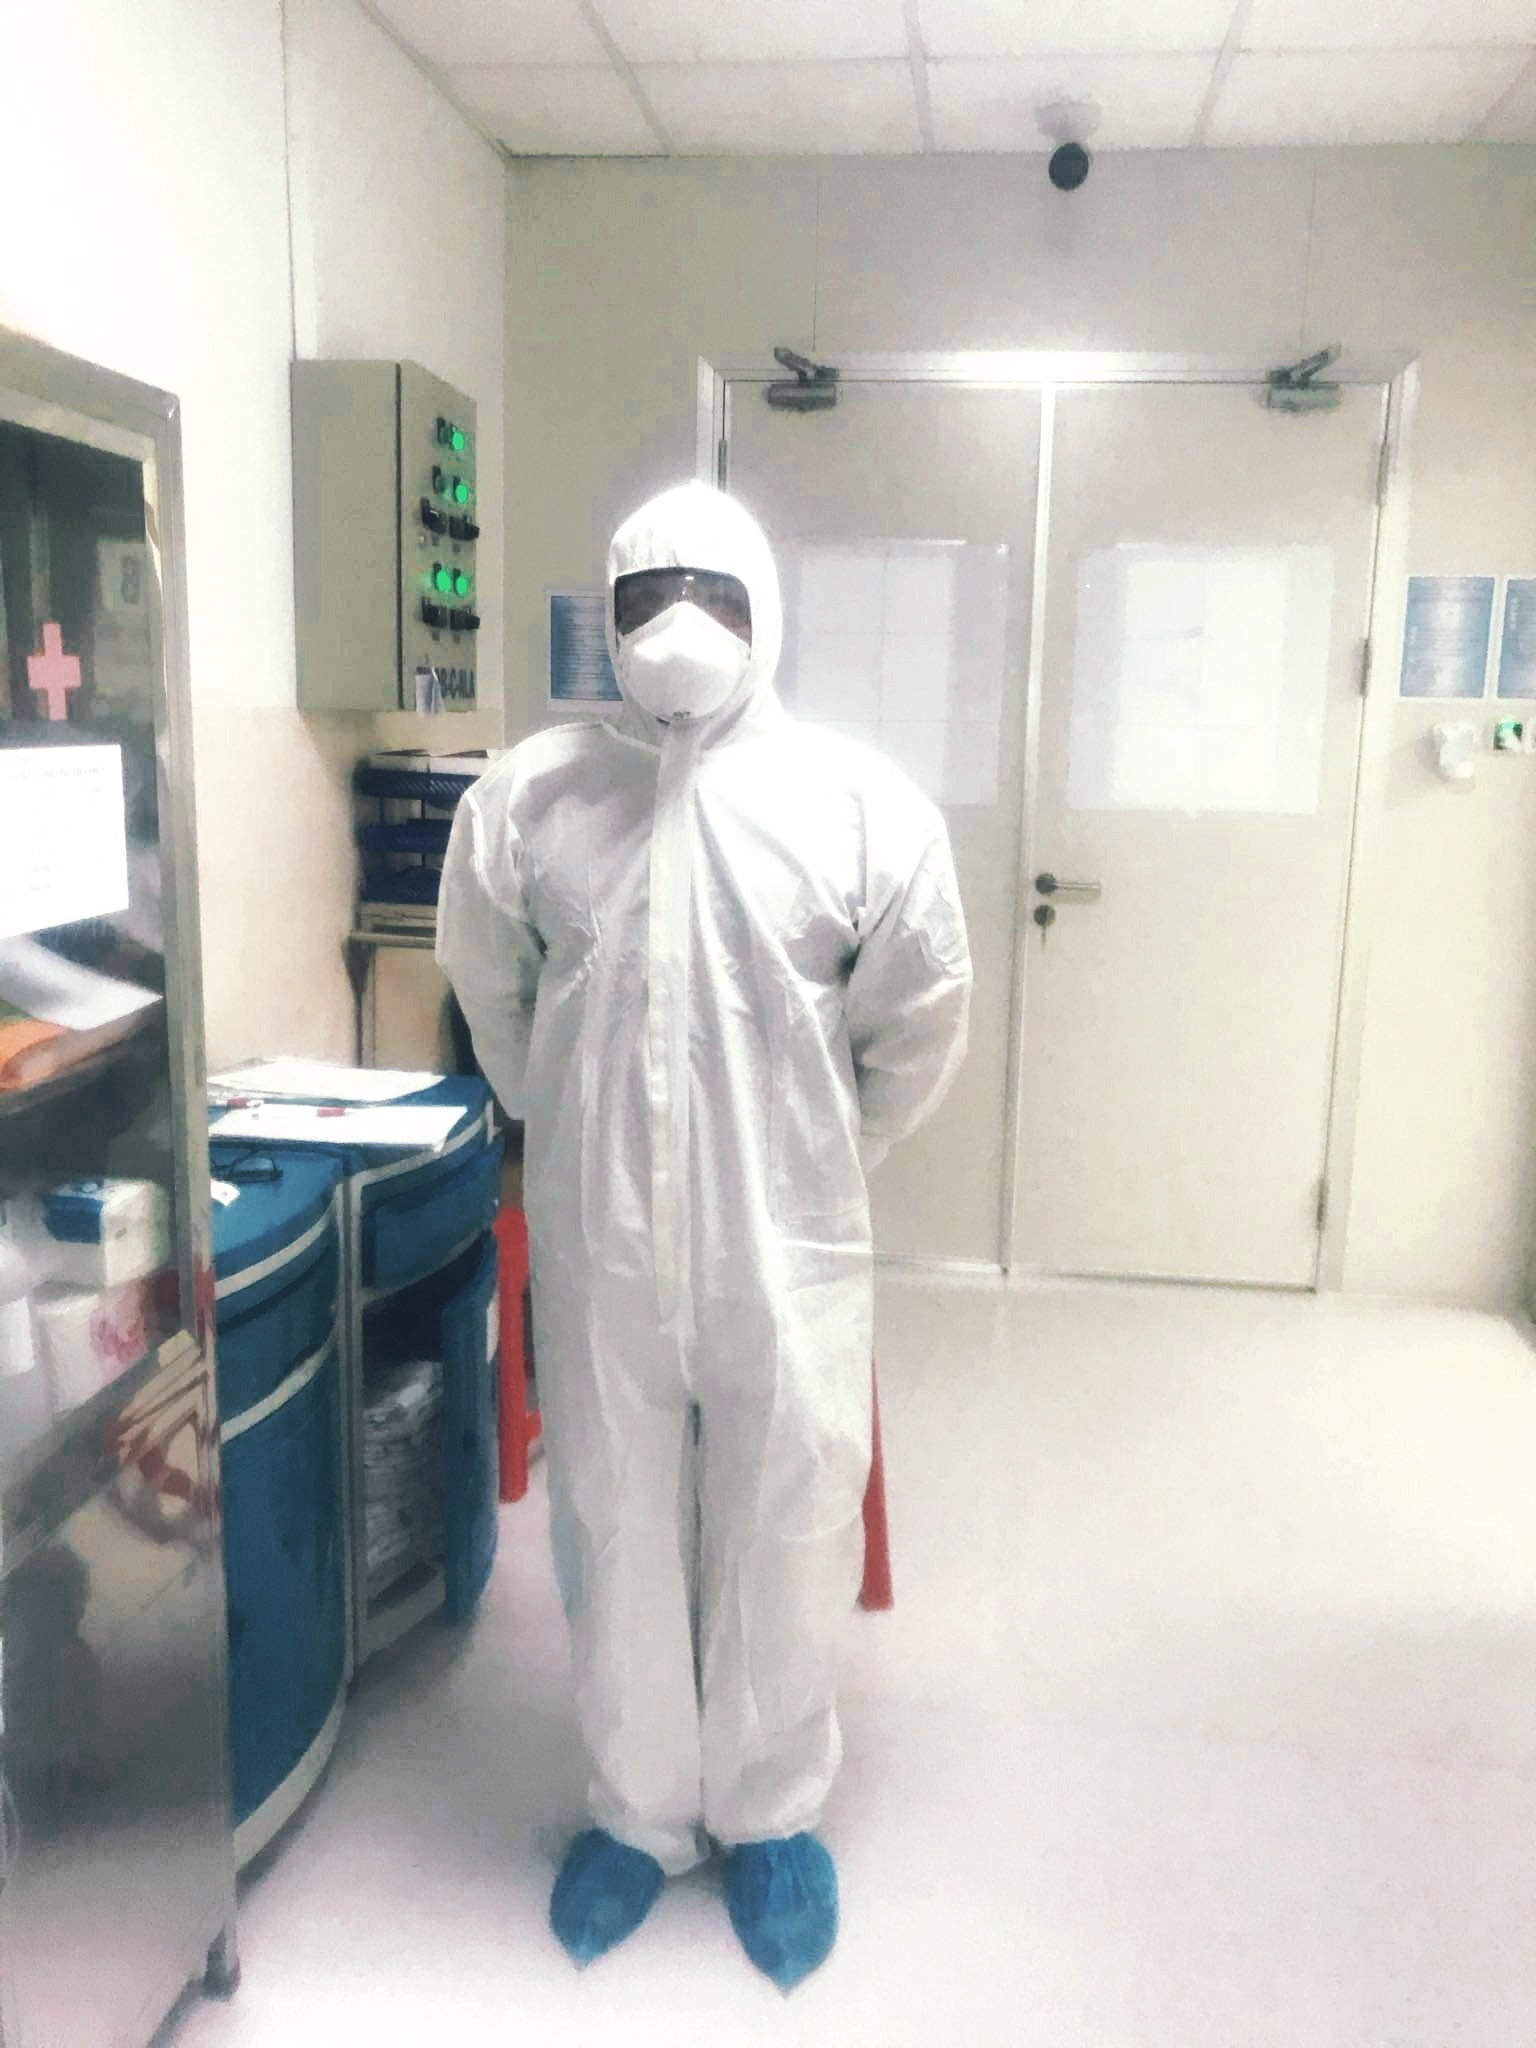 Công tác điều trị và cách ly khẩn trương tại Bệnh viện Nhi đồng Thành phố. ẢnhBệnh viện Nhi đồng Thành phố.